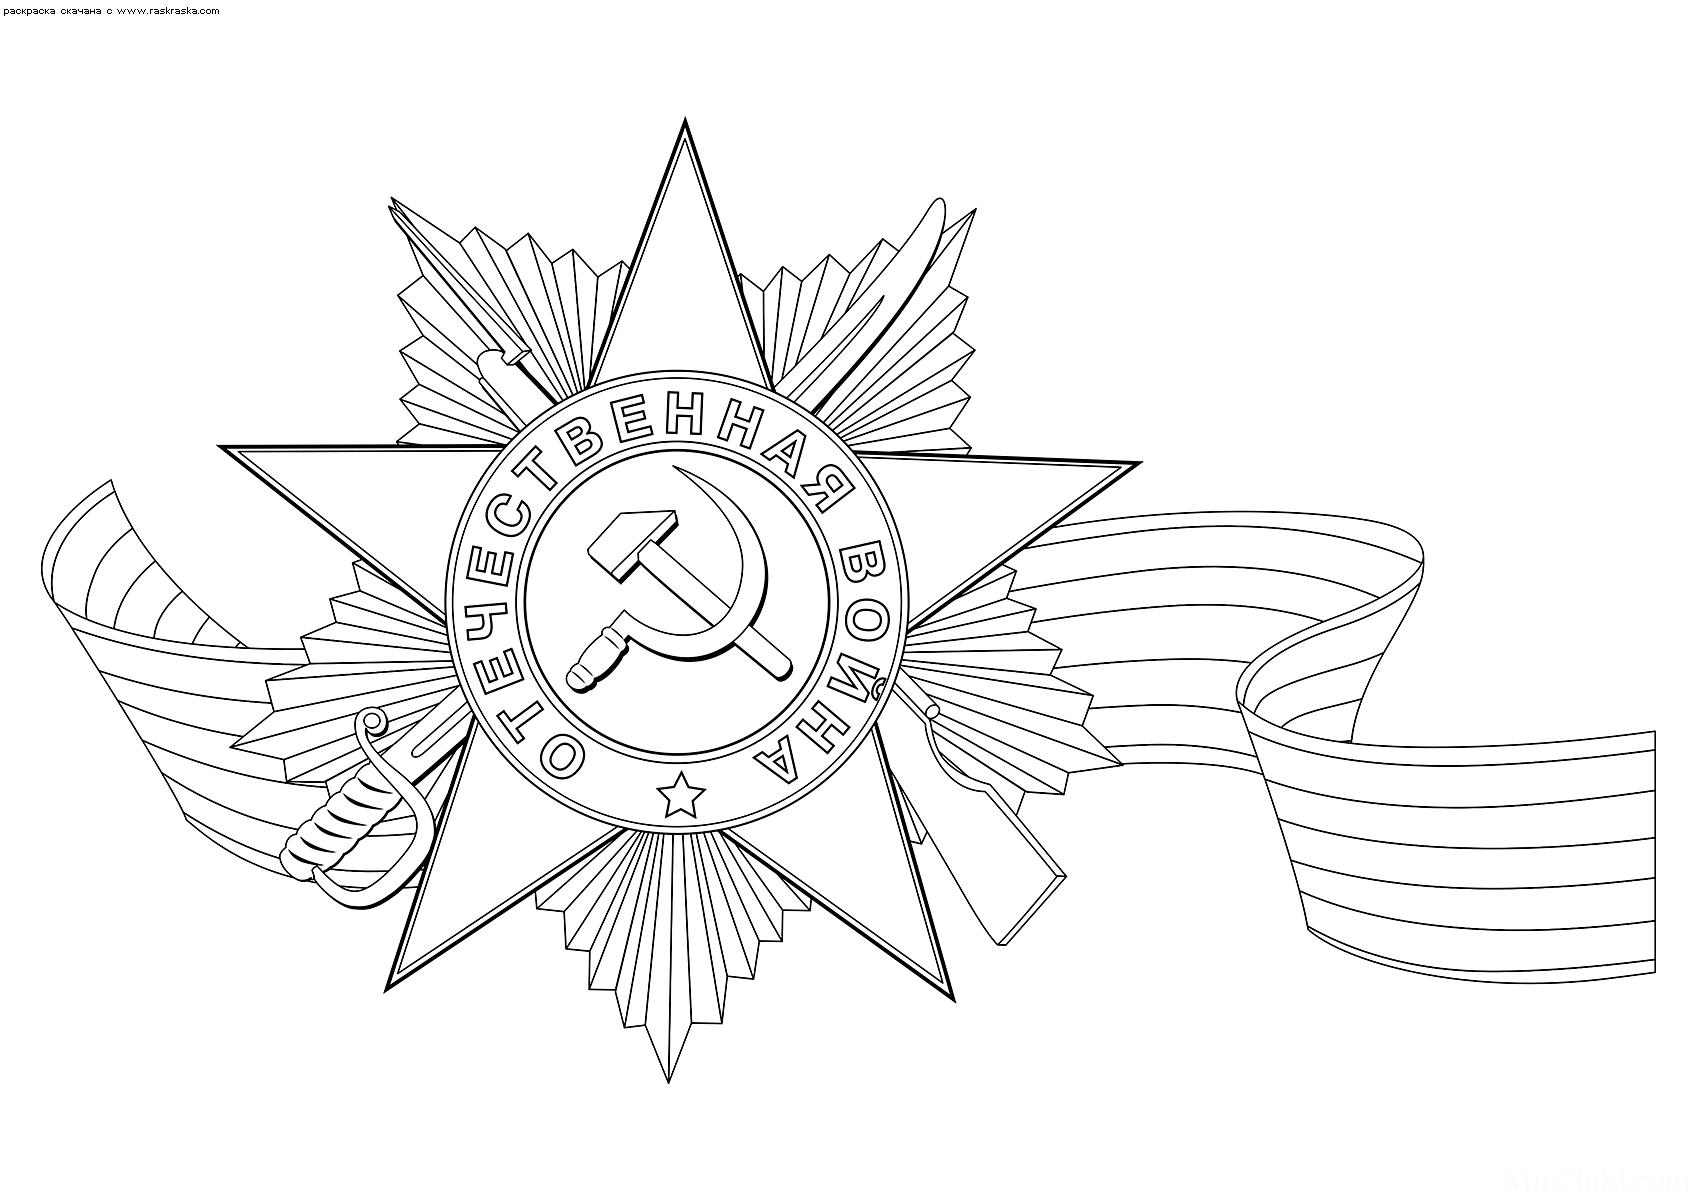 Раскраска Орден Отечественной войны. Раскраска 9 мая, день победы, орден